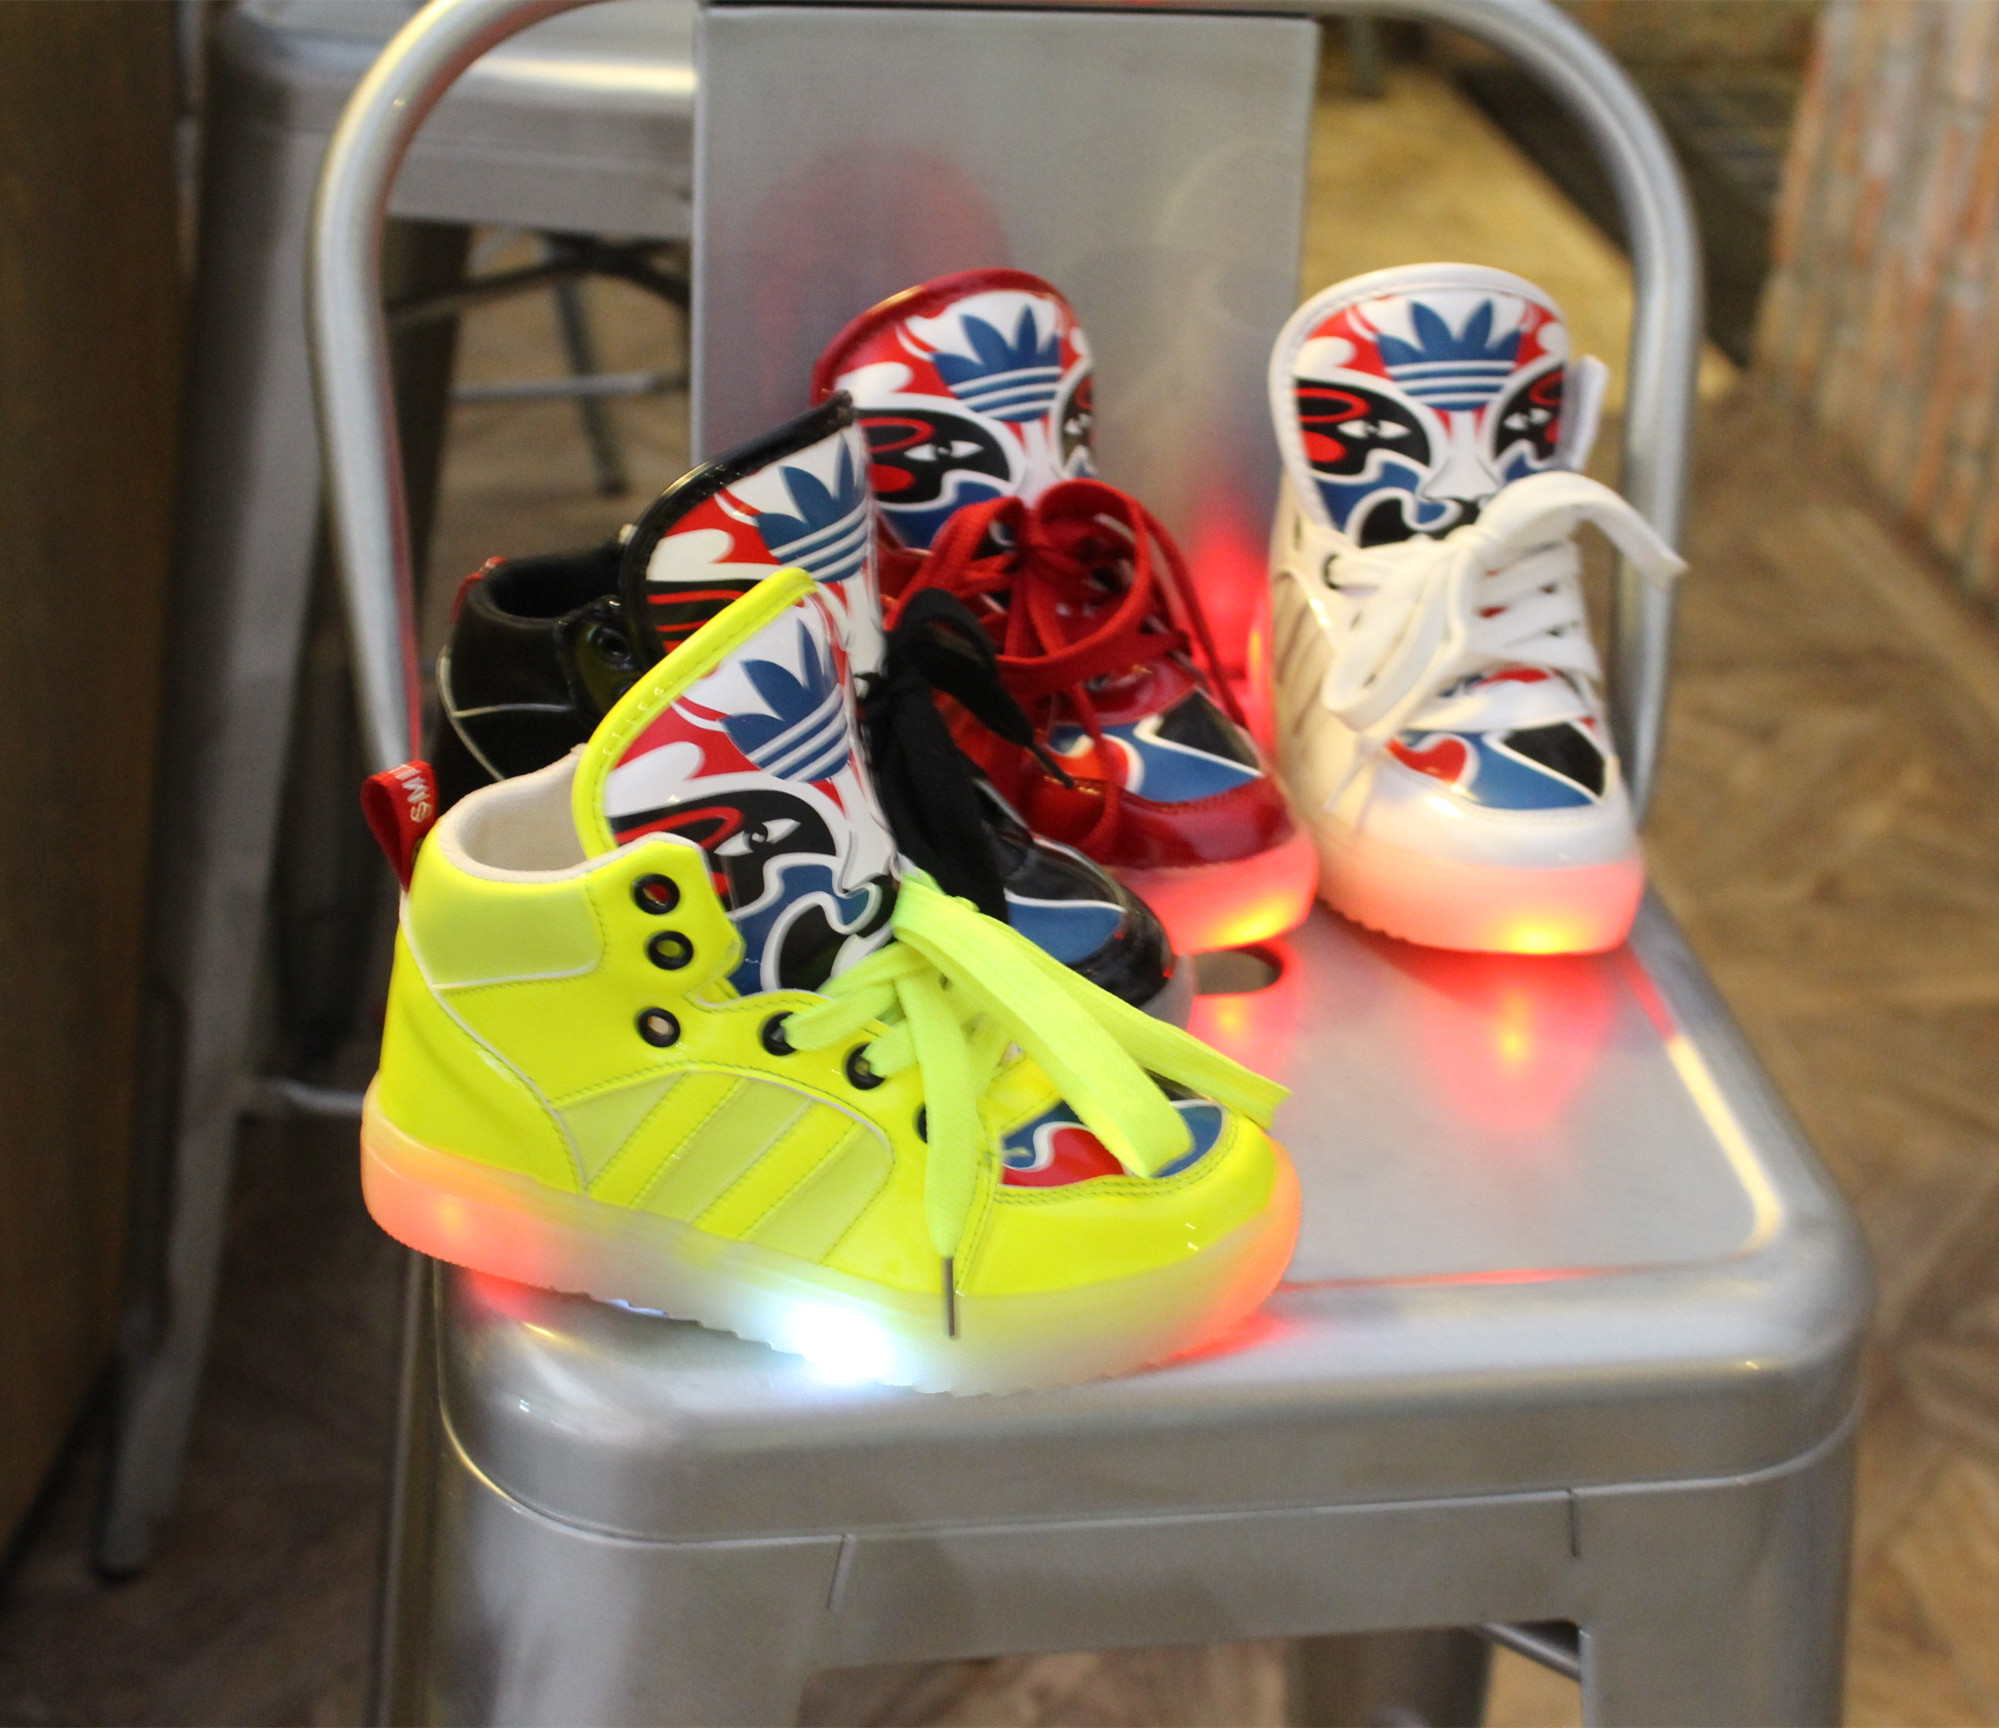 к 2015 году новых детей обувь европейских Тайд яркие Светодиодные ночные лампы обуви прилива Facebook мальчиков случайный свет Спортивная обувь